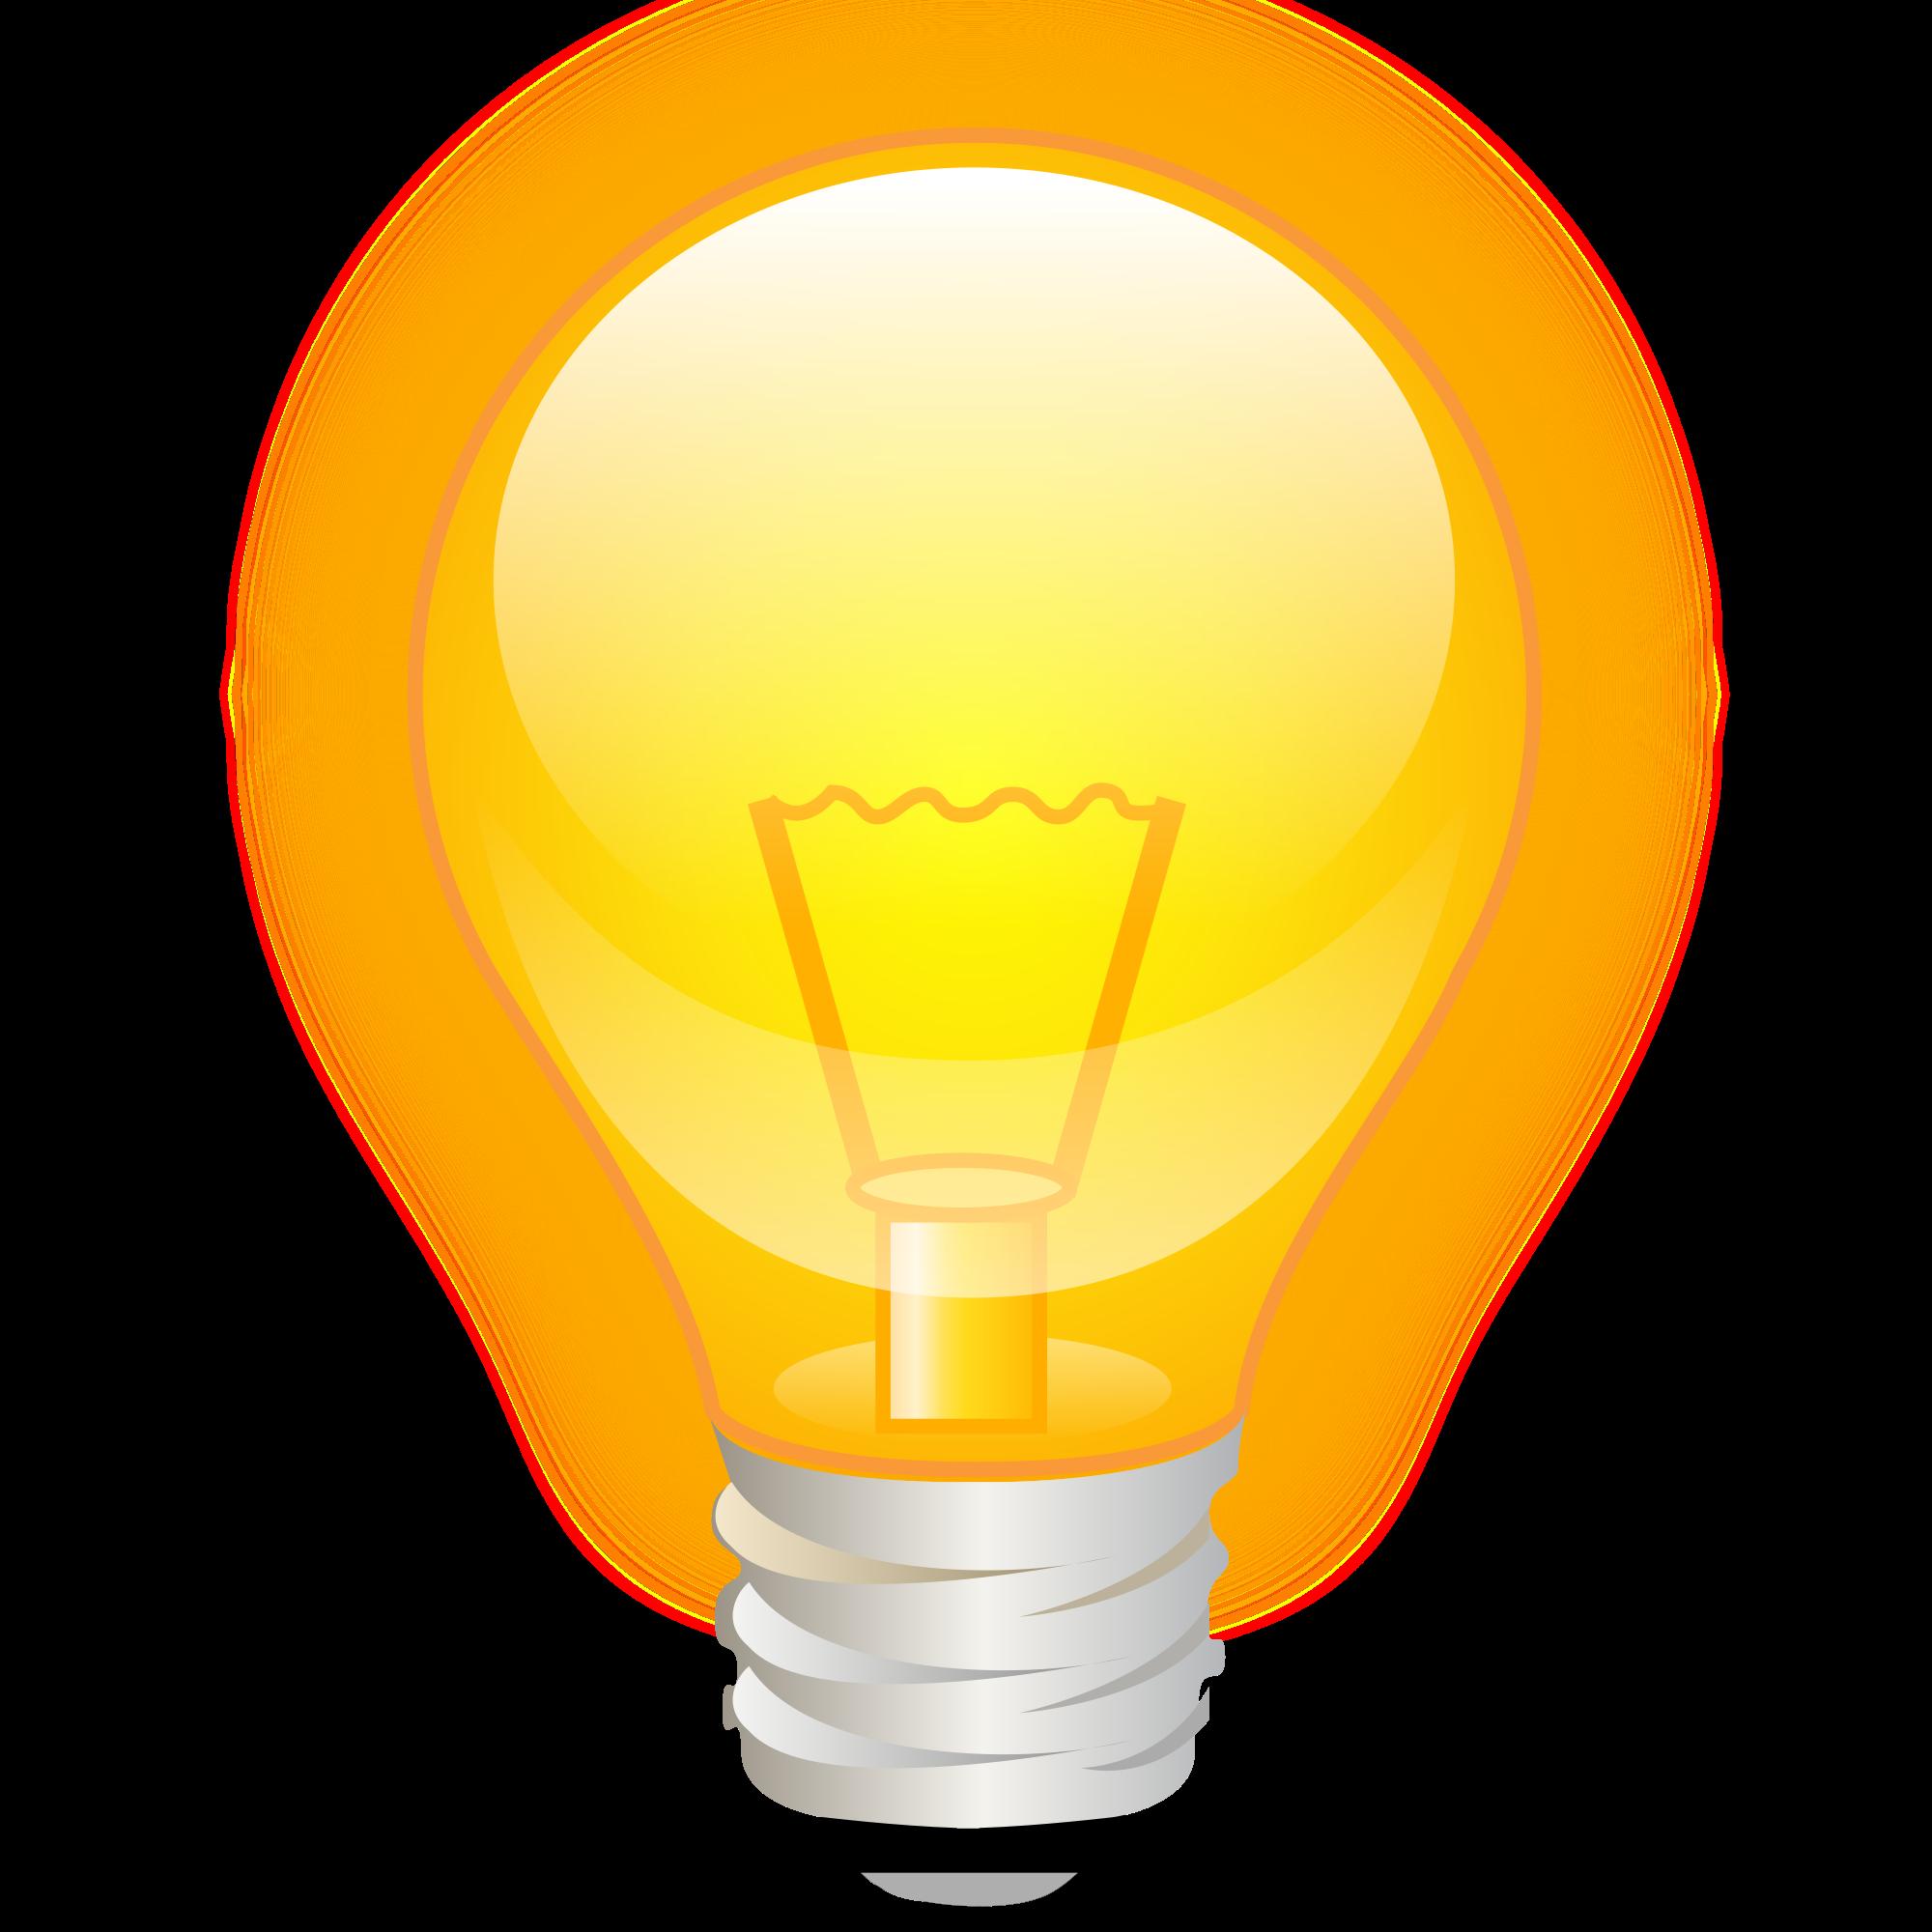 PNG HD Light Bulb - 131087